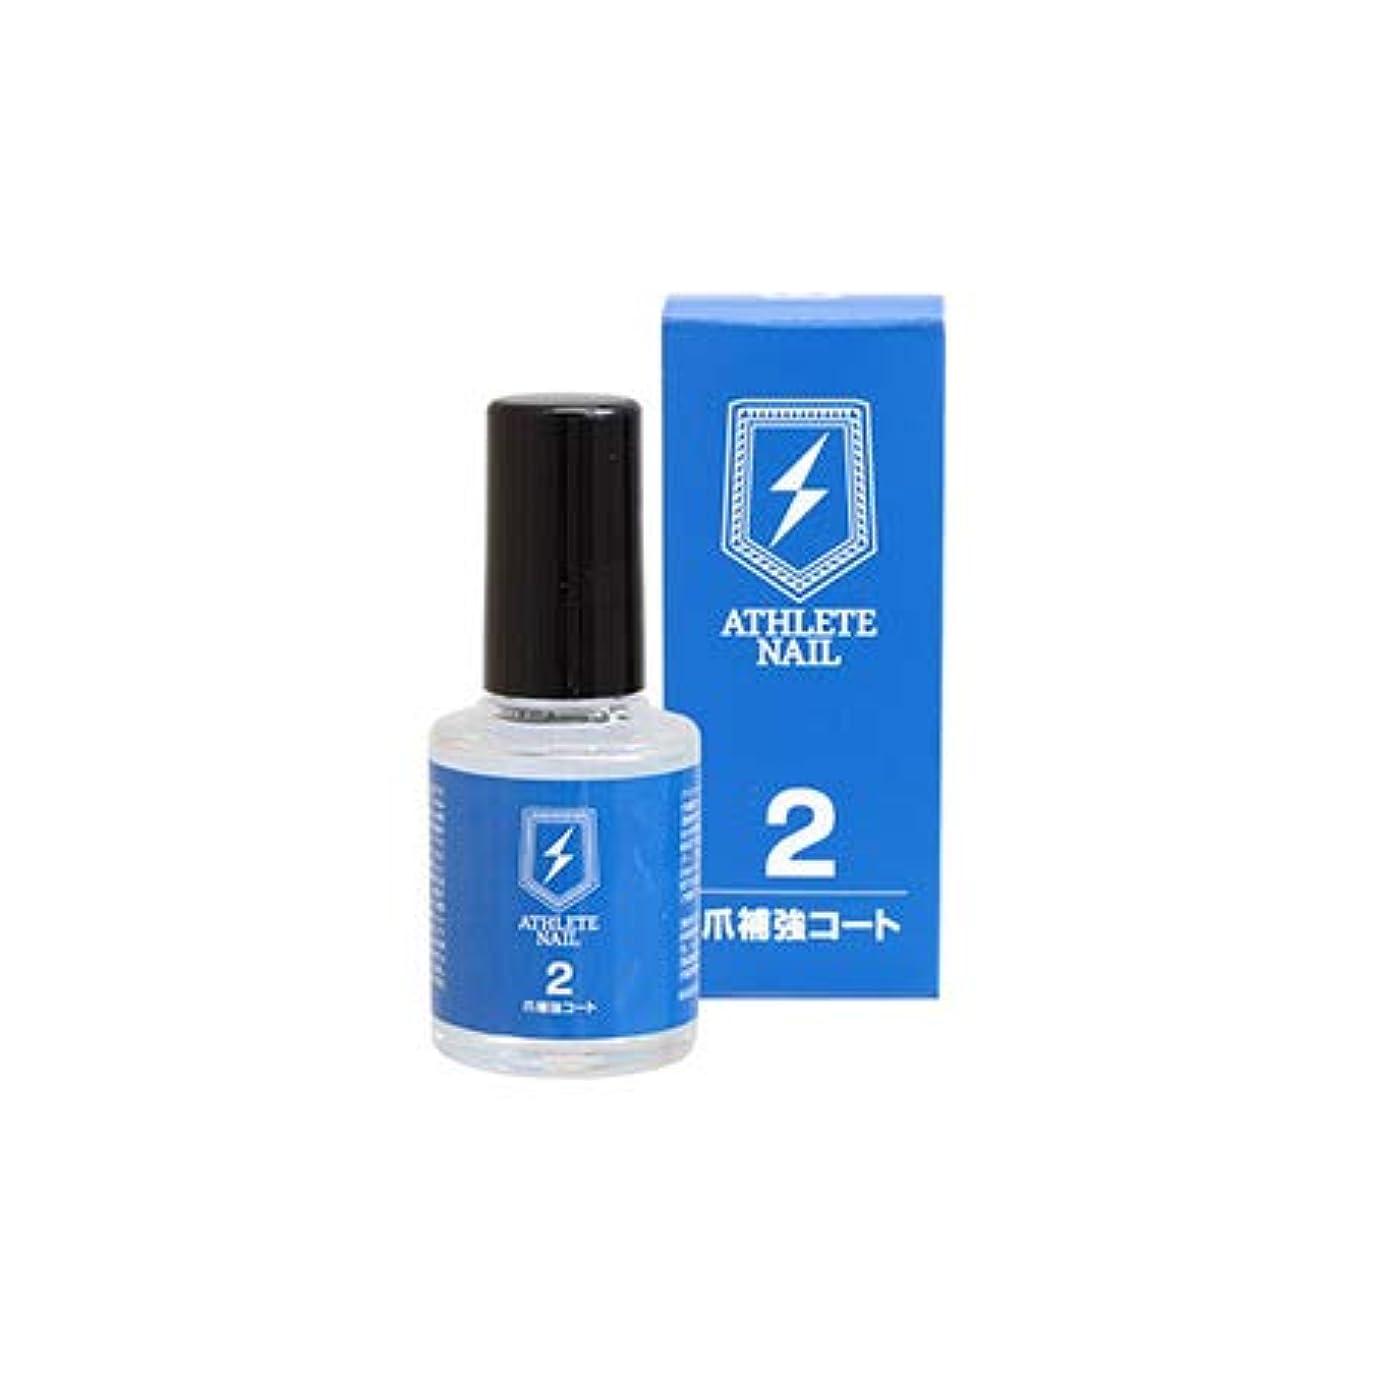 アンティークアンティーク展示会ATHLETE NAIL ◆爪補強コート2 [並行輸入品]